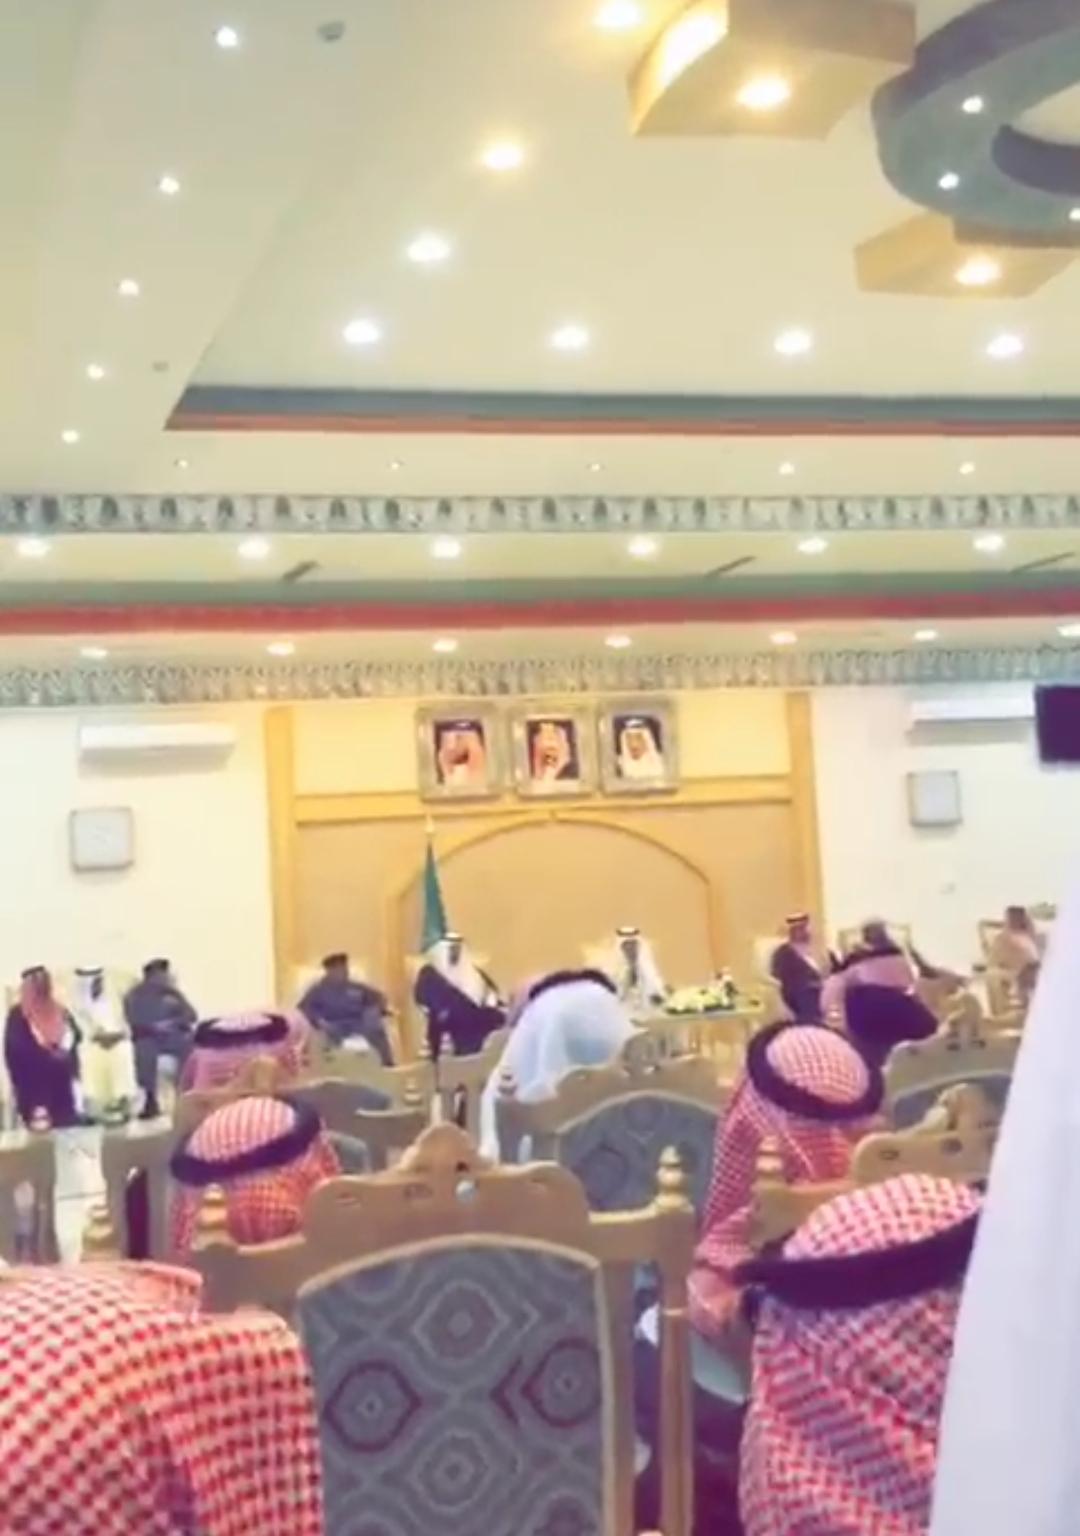 بالفيديو الأمير خالد الفيصل يوقف شاعر عن إكمال قصيدته أمام الحضور لهذا السبب!!